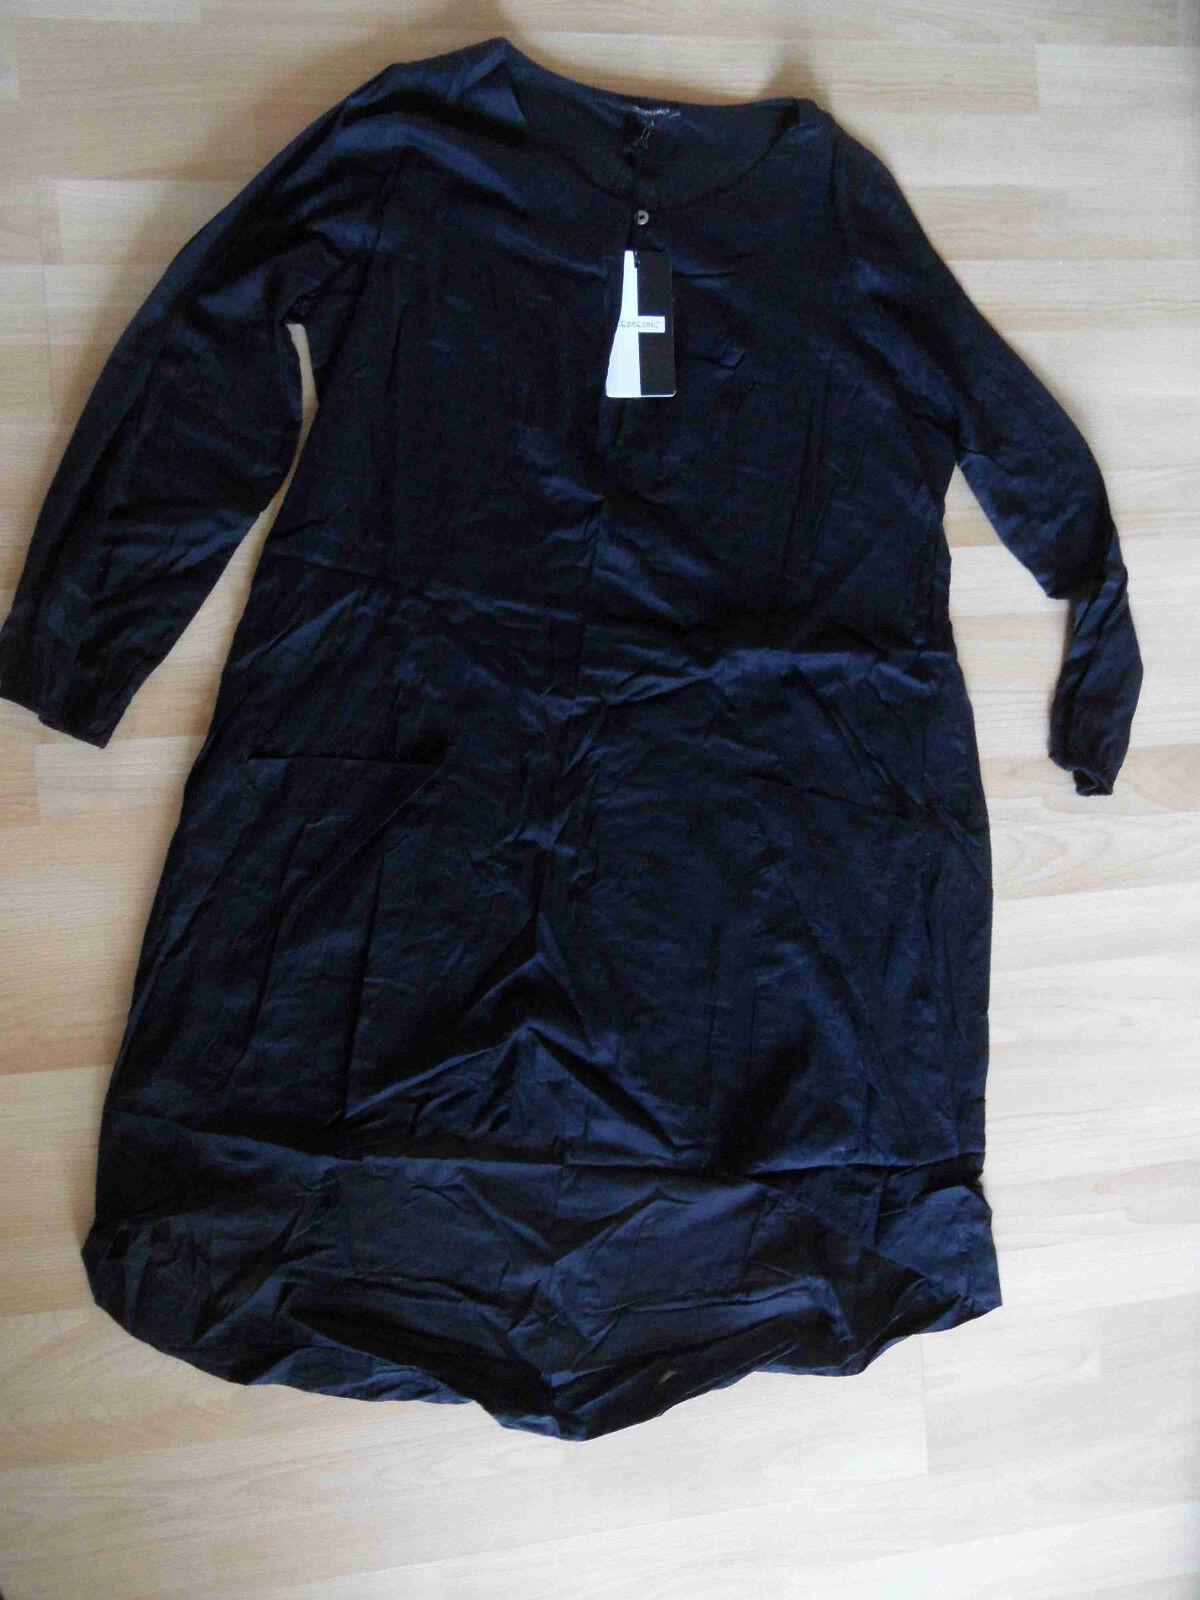 HEBBEDING schönes leichtes Tunikakleid DYLAN schwarz Gr. 1 NEU HMI115